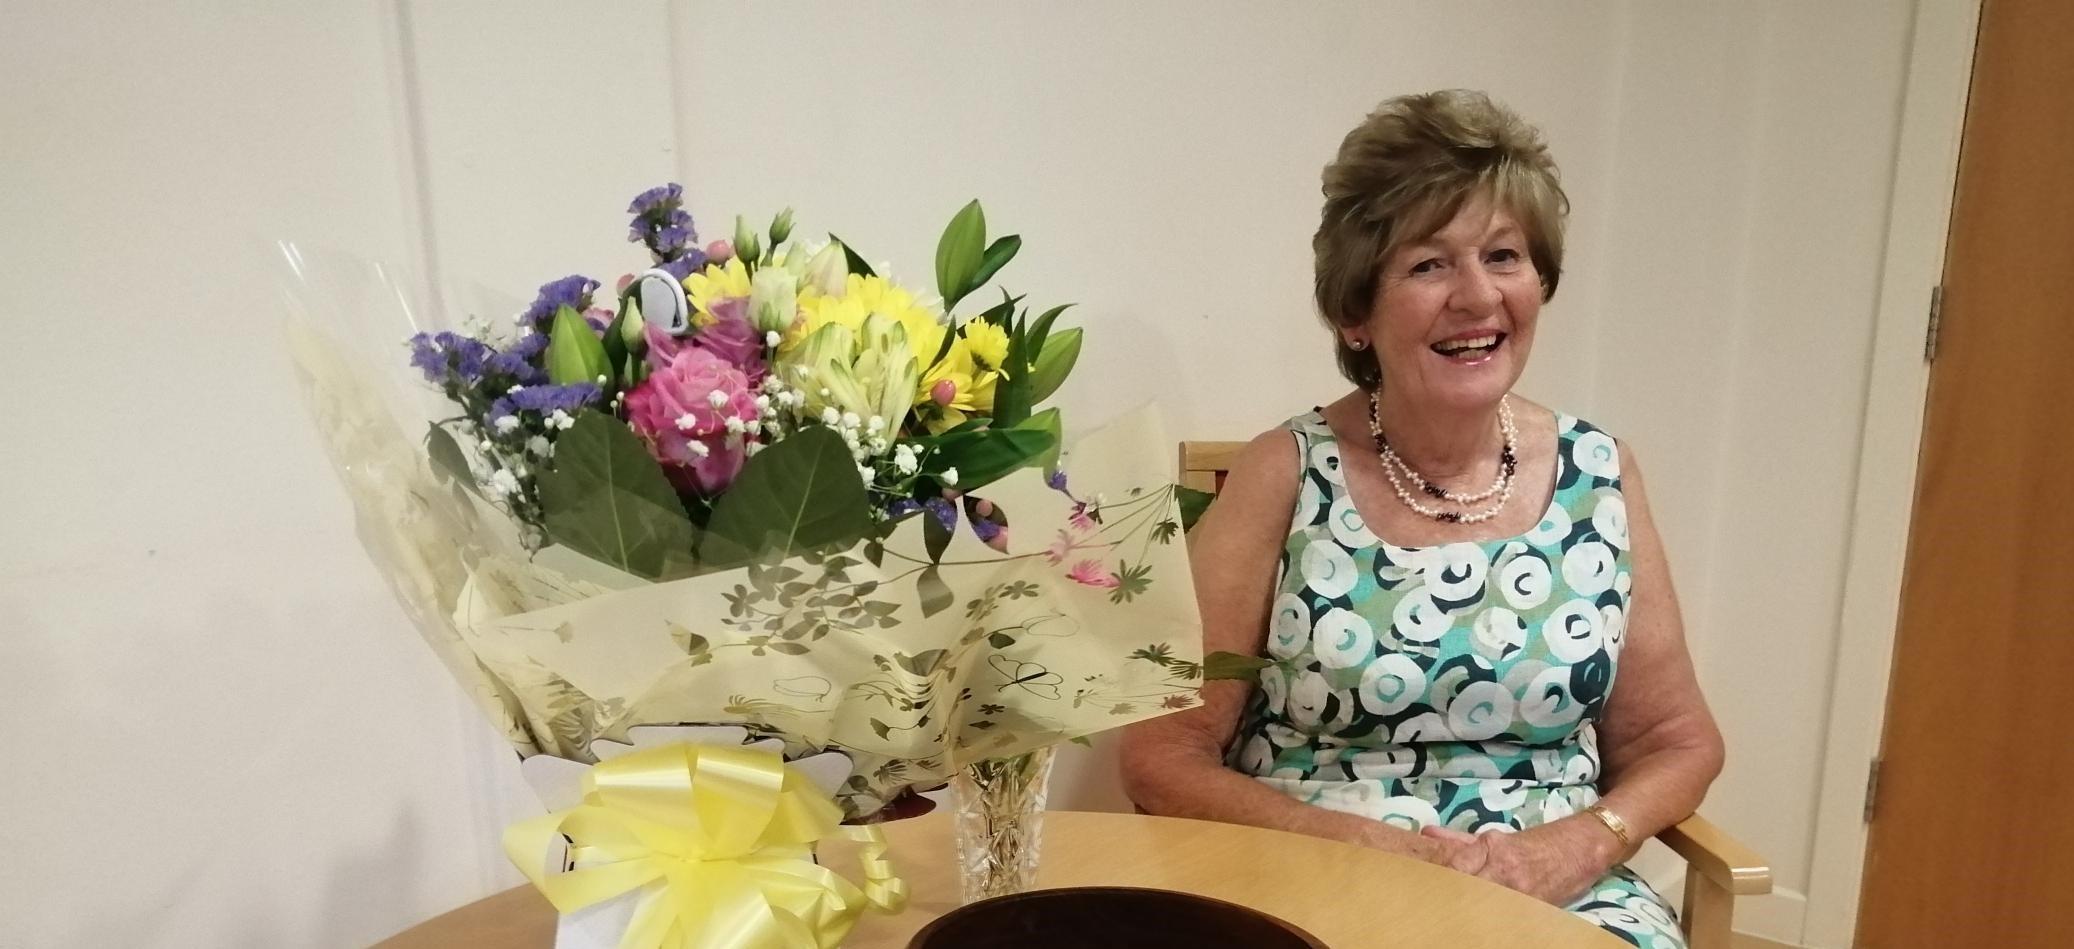 Volunteer Elspeth Retires after 33 Years